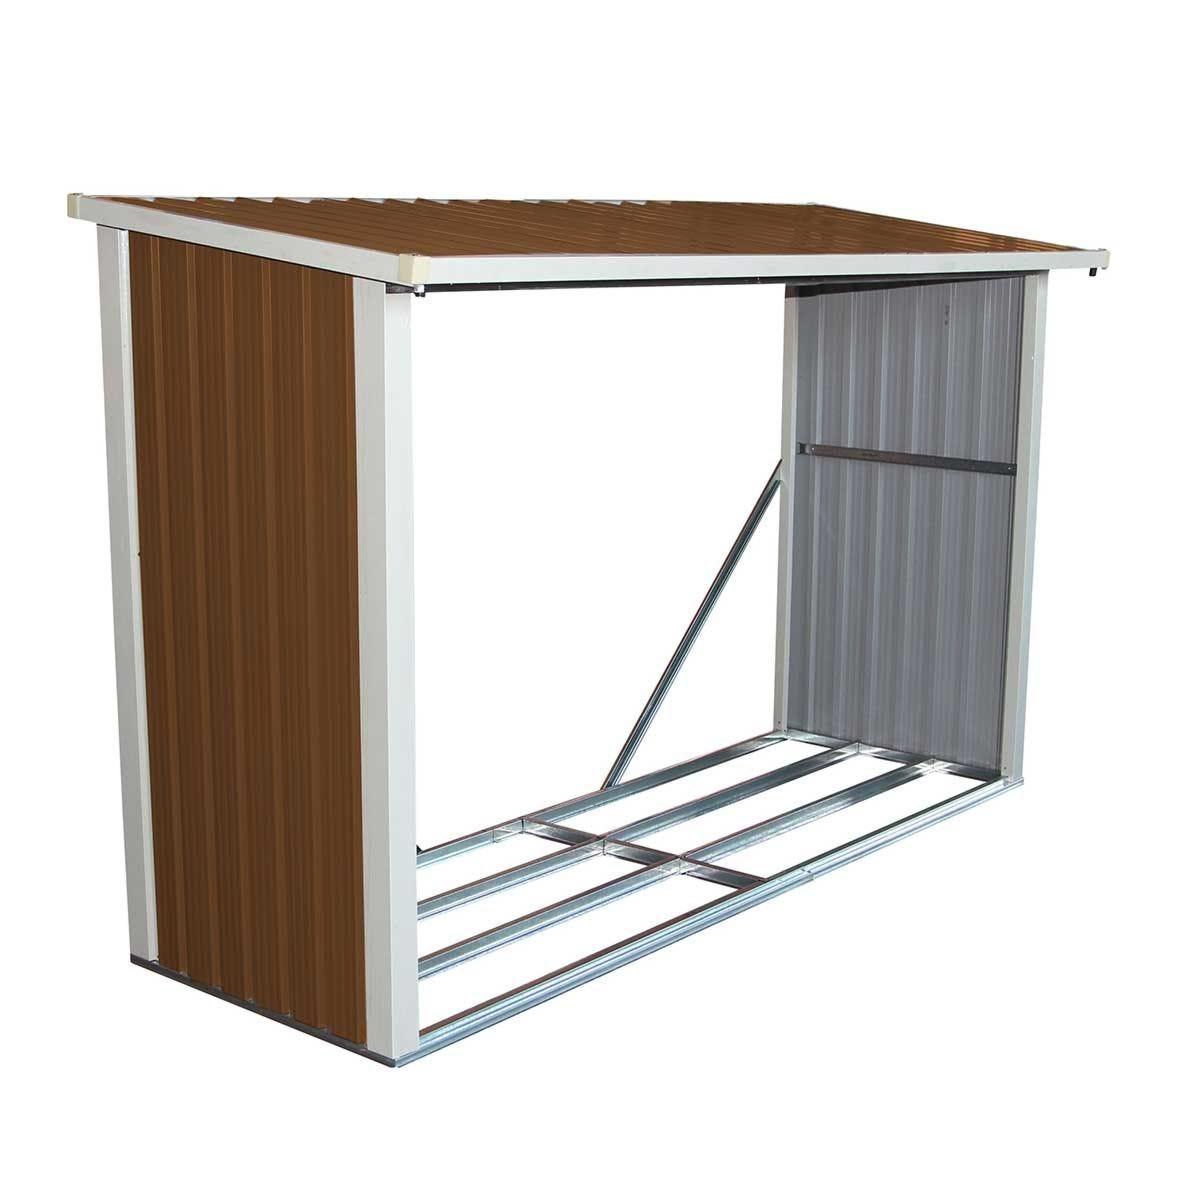 Charles Bentley Garden Metal Log Stores 8x3ft